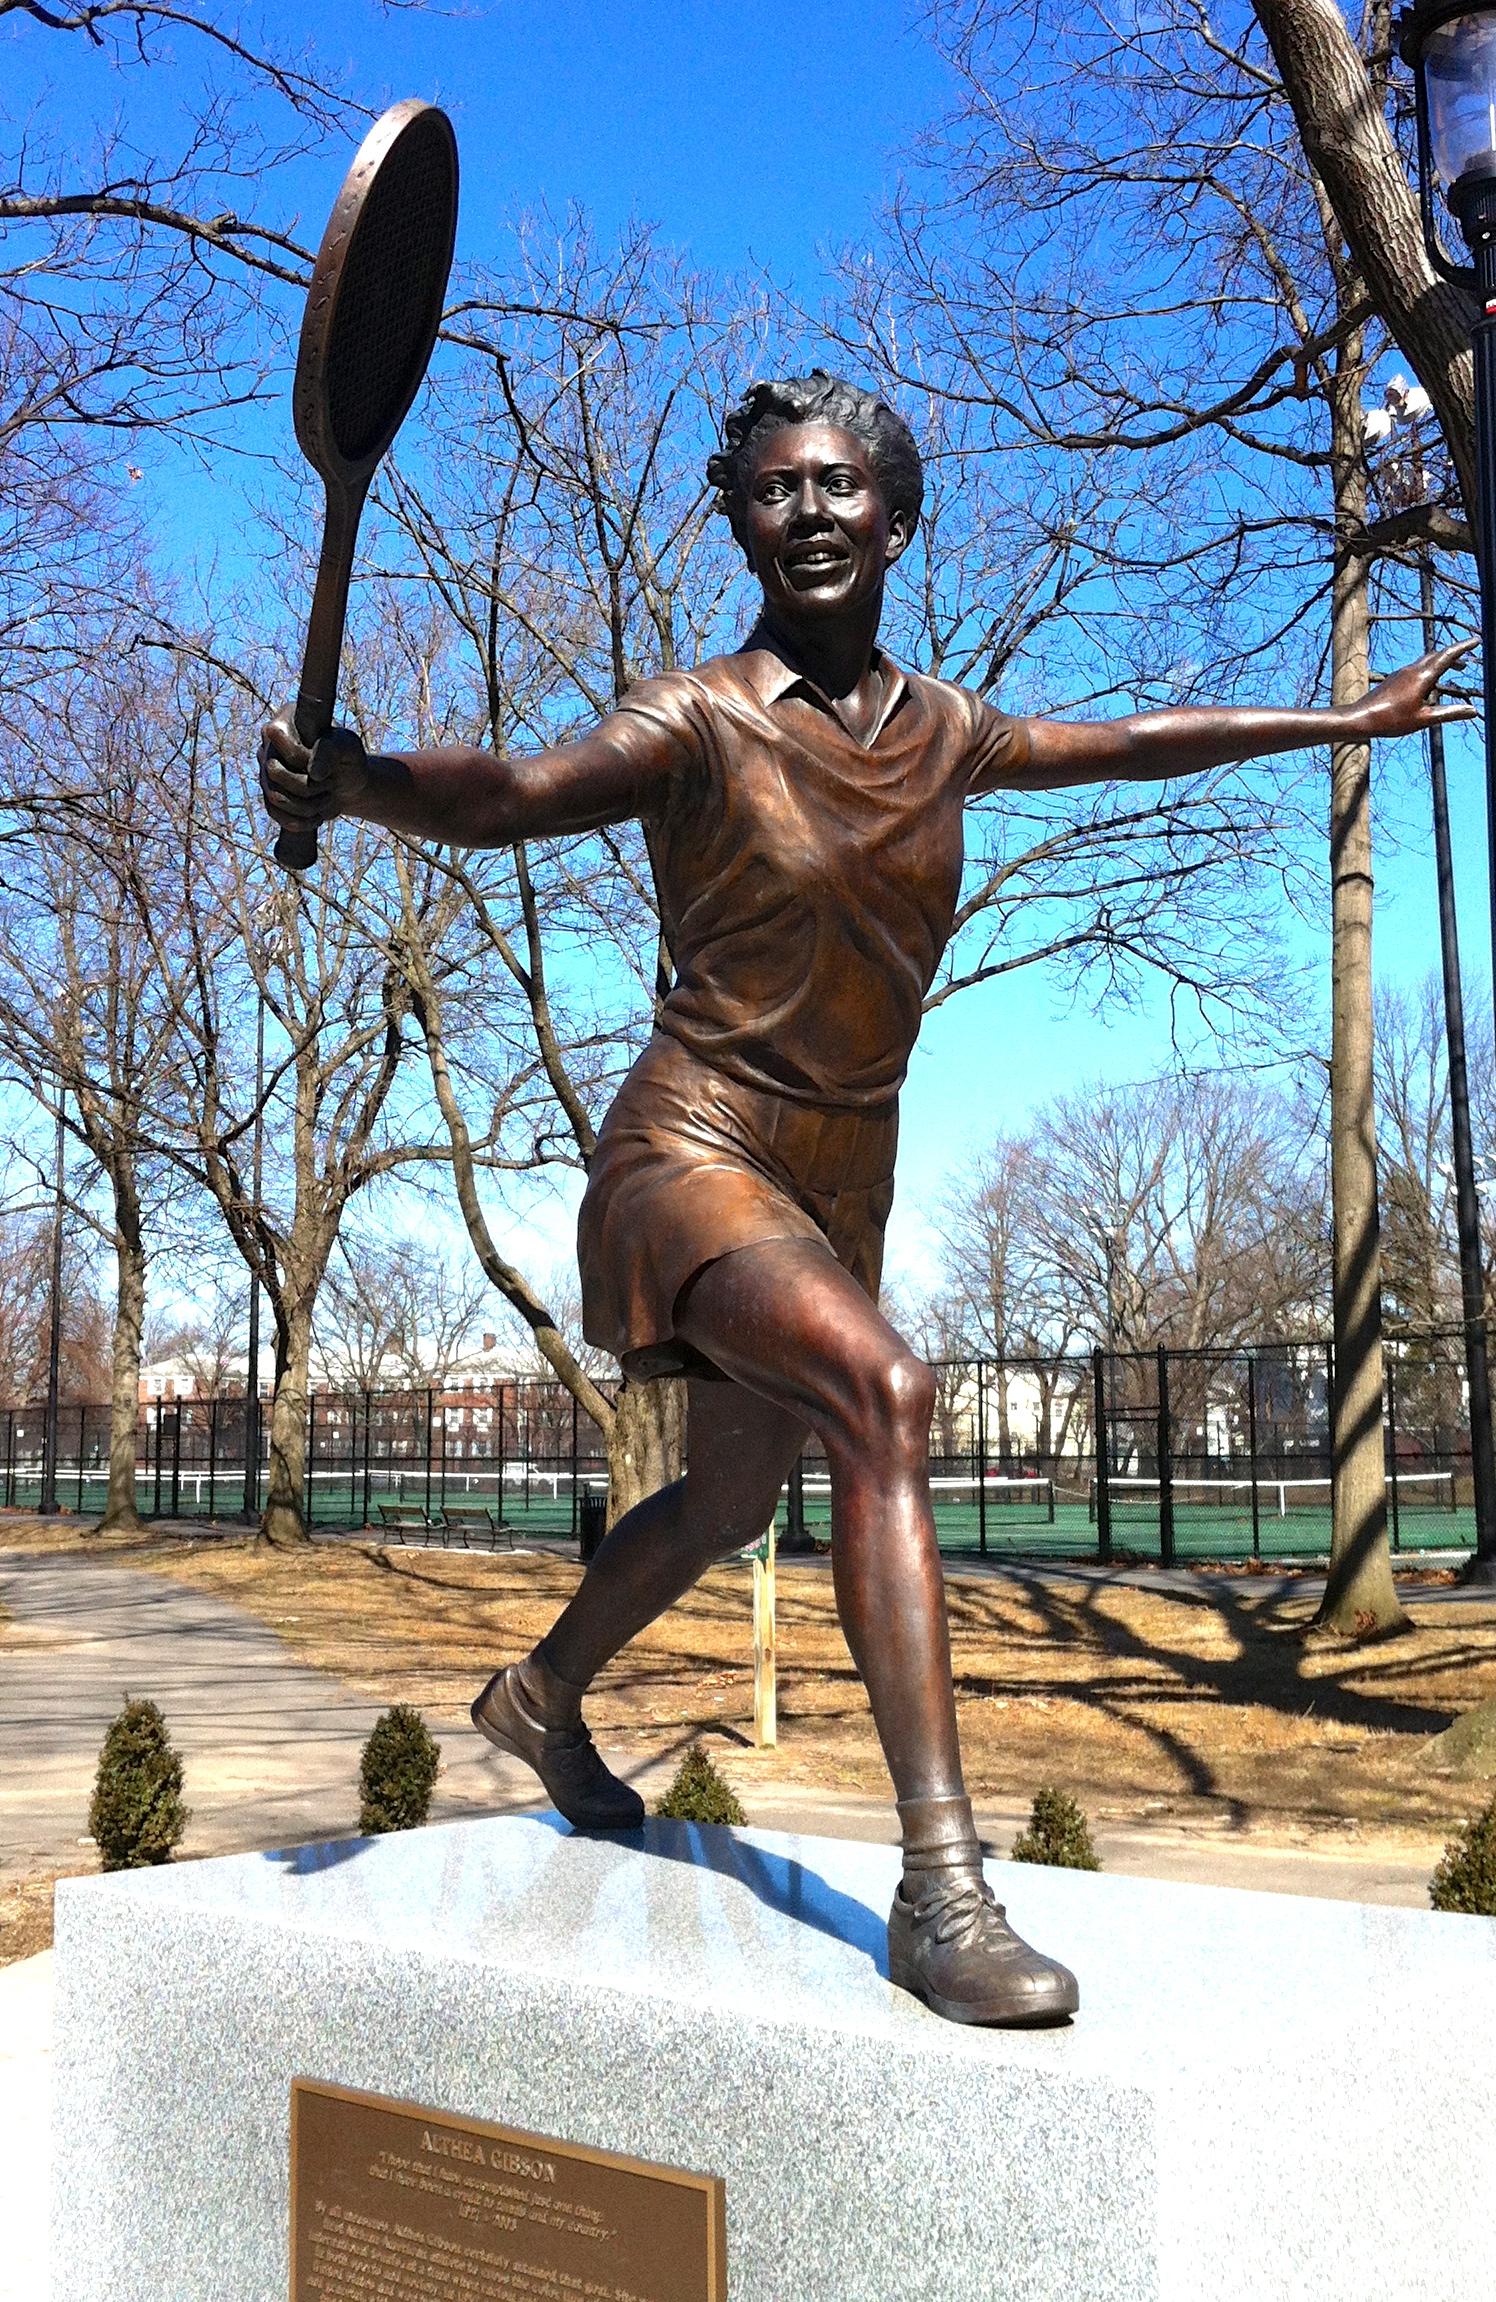 Cette photographie montre une statue d'Althea Gibson. Elle est représentée raquette à la main, en mouvement, bras tendus, en train de jouer au tennis.